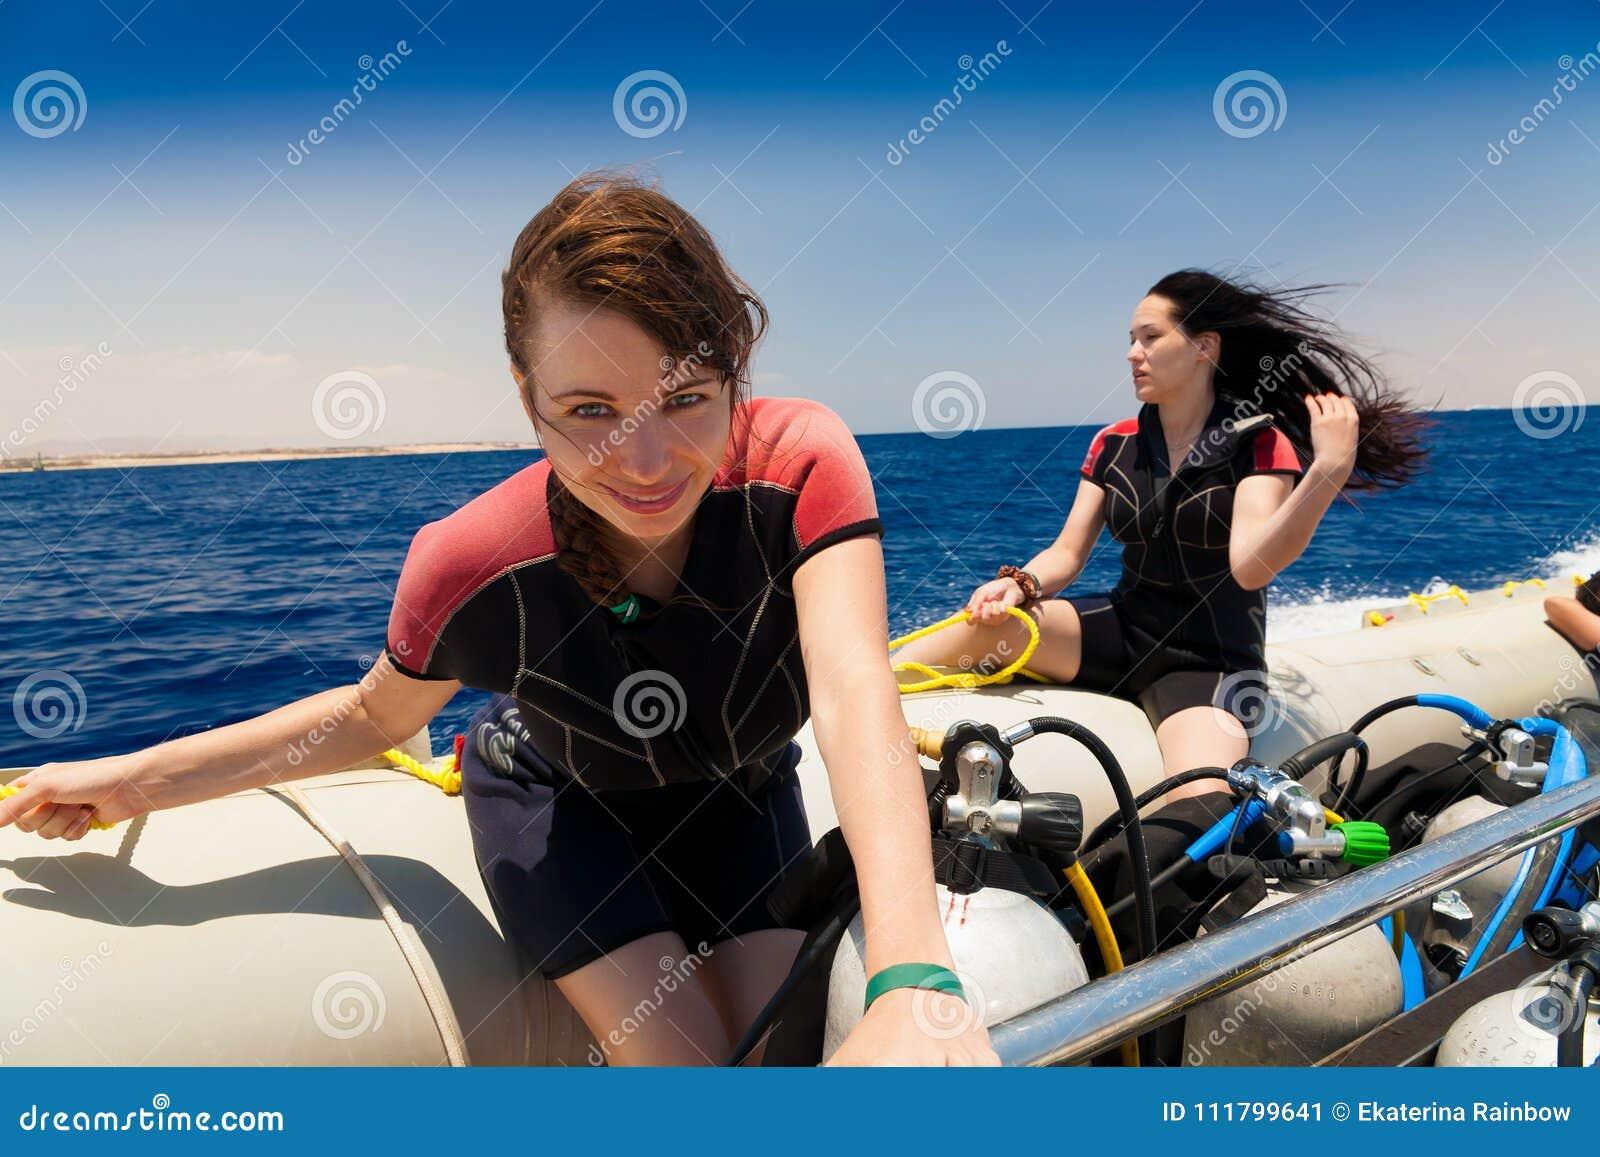 Egipto Mar Rojo Mujer en barco Viaje que se zambulle